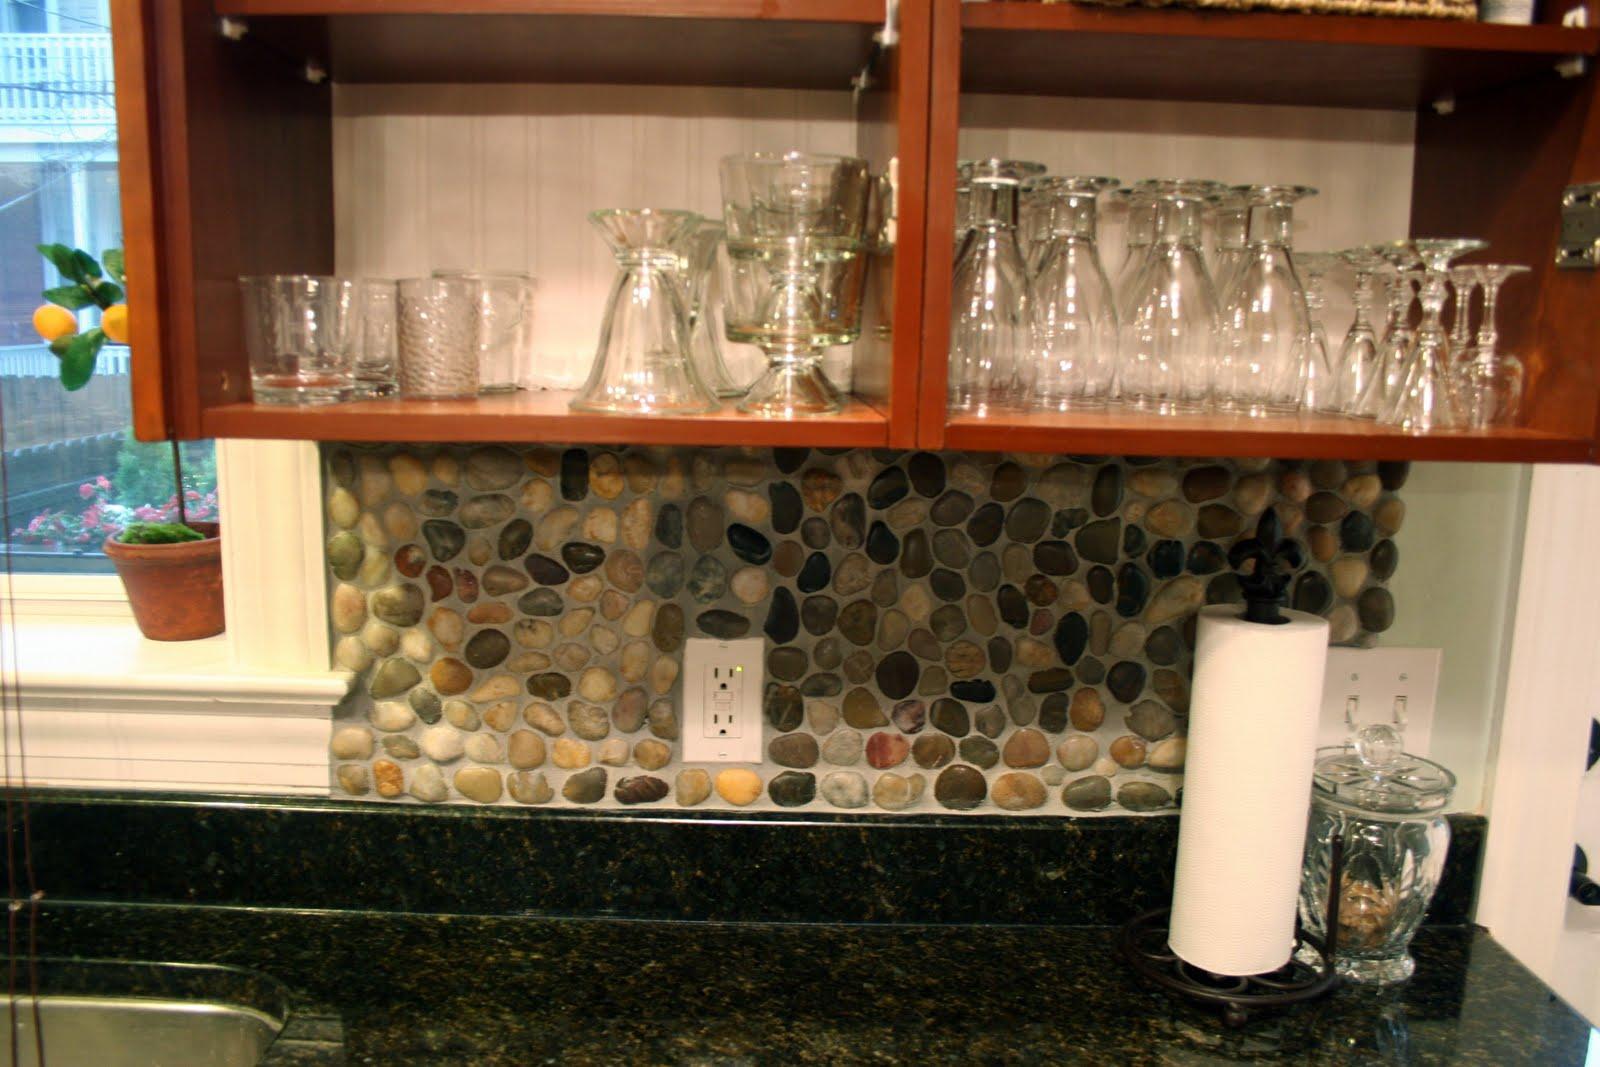 garden stone kitchen backsplash tutorial backsplash home kitchen stone backsplash house homemy house home